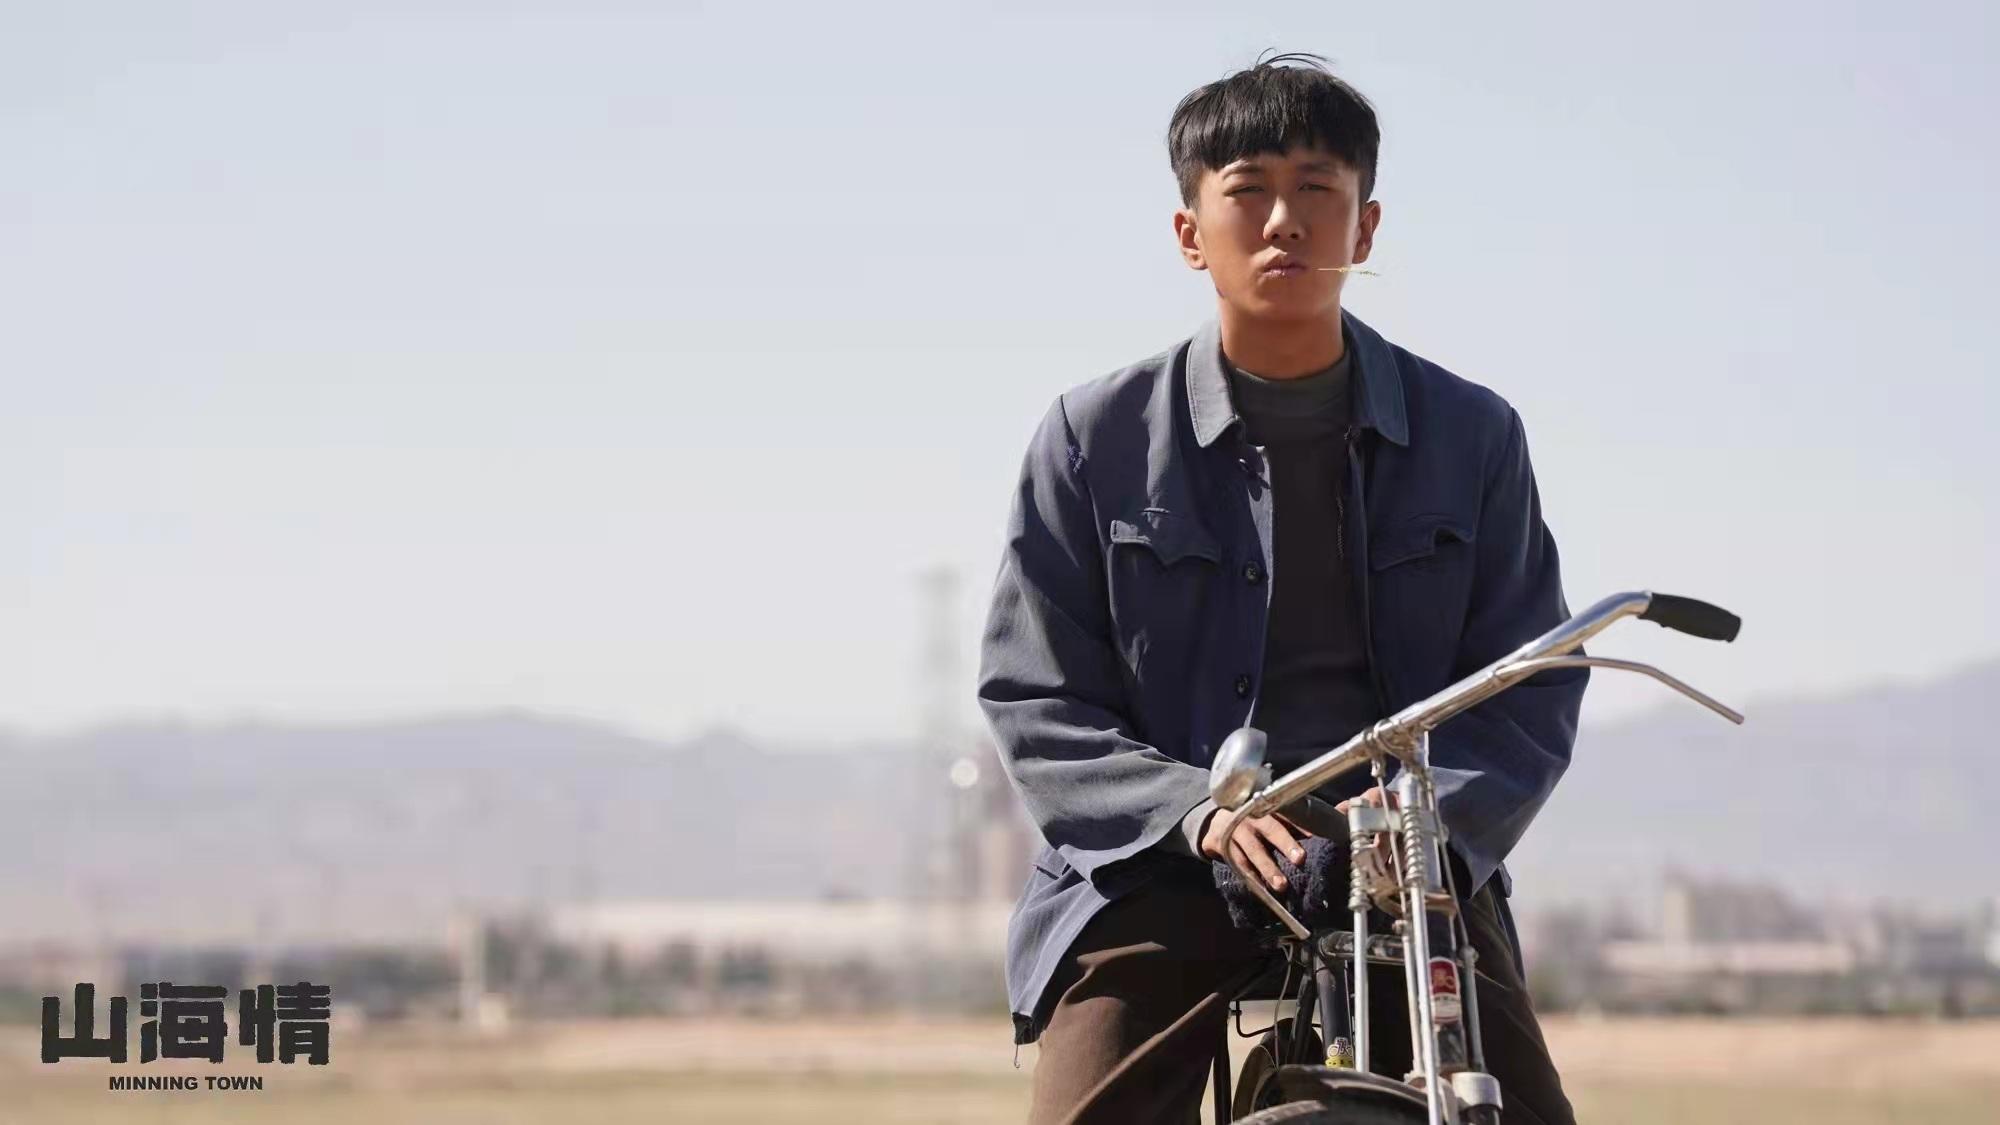 《山海情》高分收官 姜冠南演技被赞可塑性强